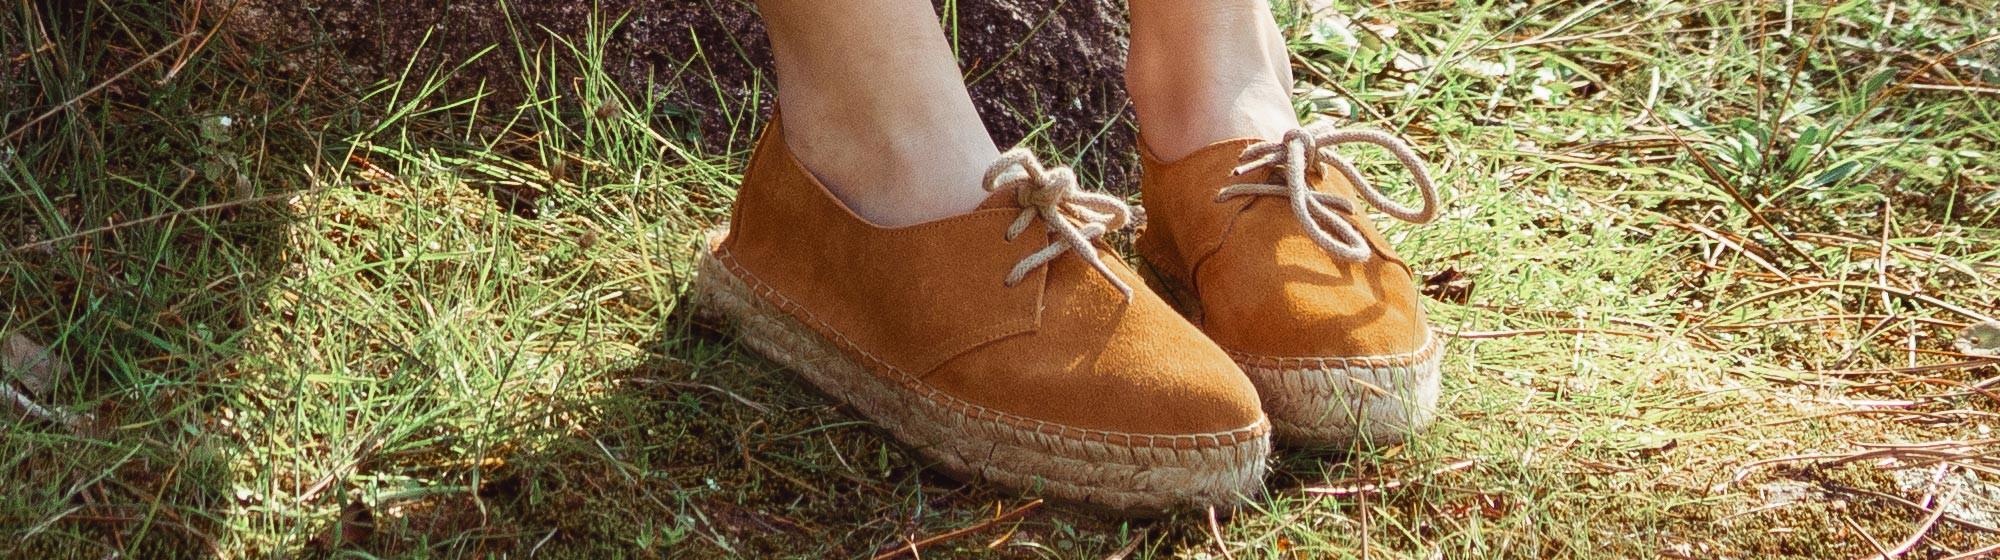 61fd0ca3e60 Zapatos Blucher de Niña. Marca Líder de Calzado online